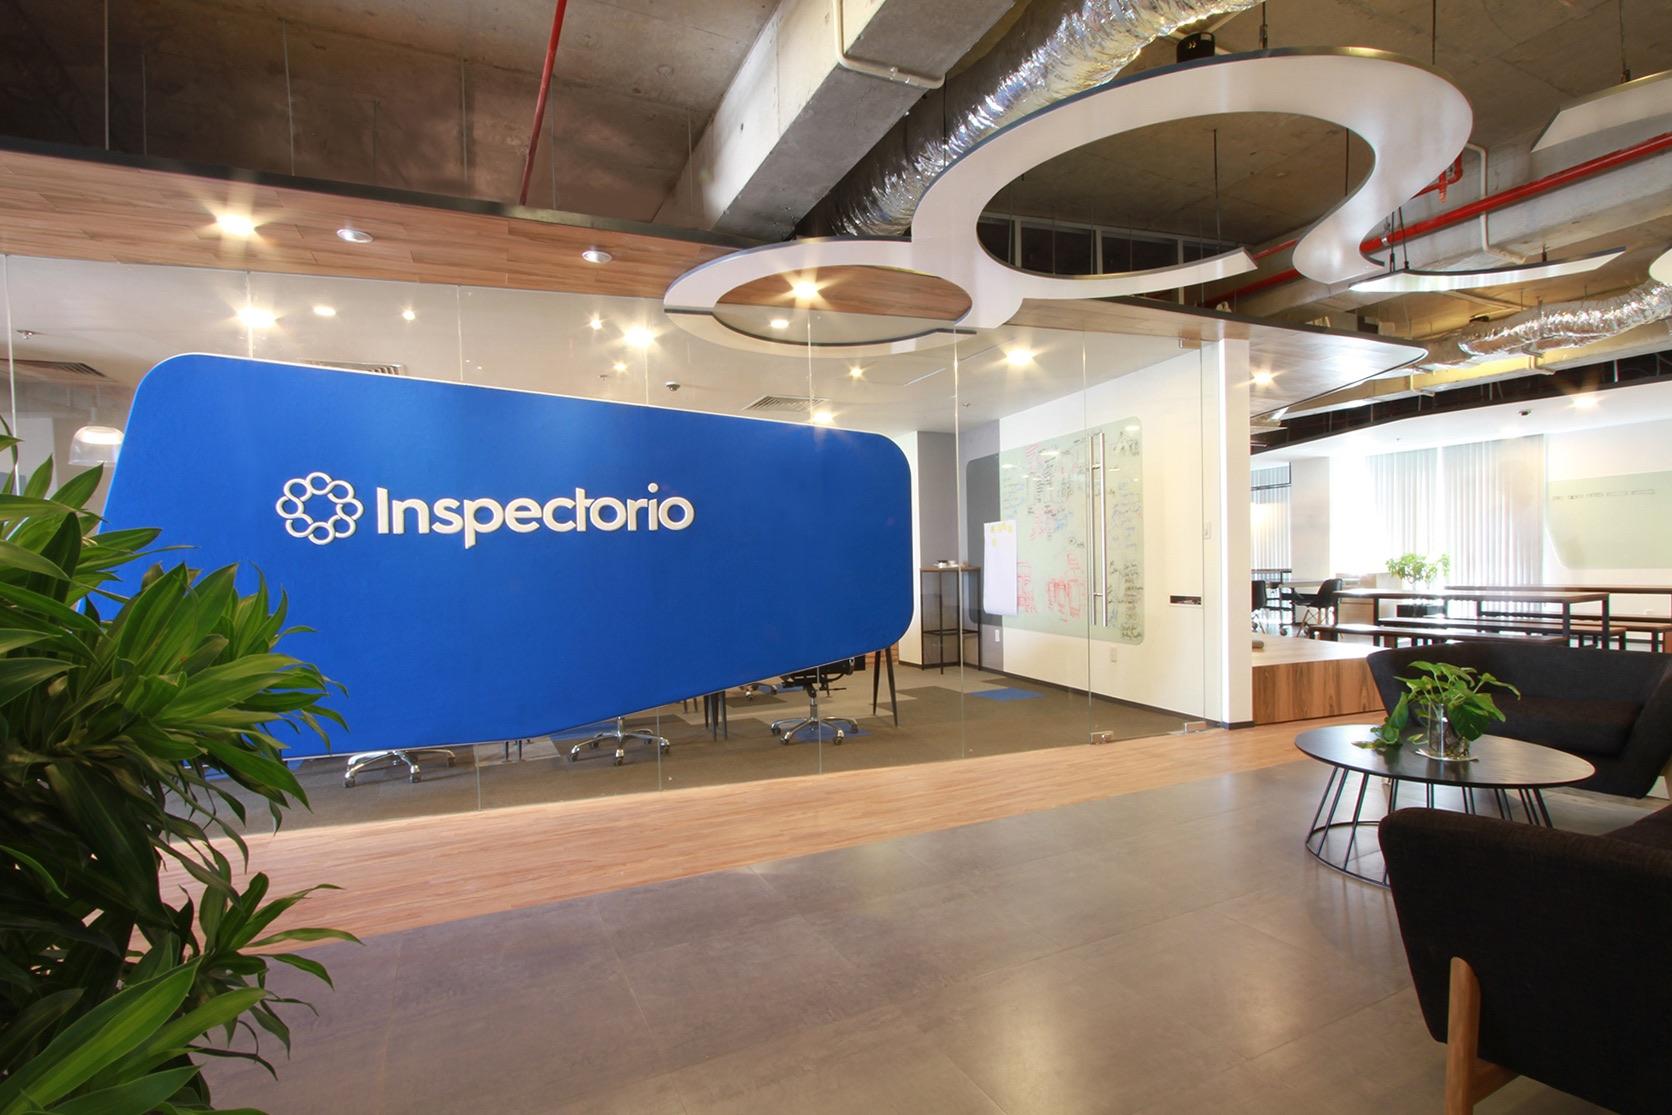 inspectorio-office-ho-vietnam-4